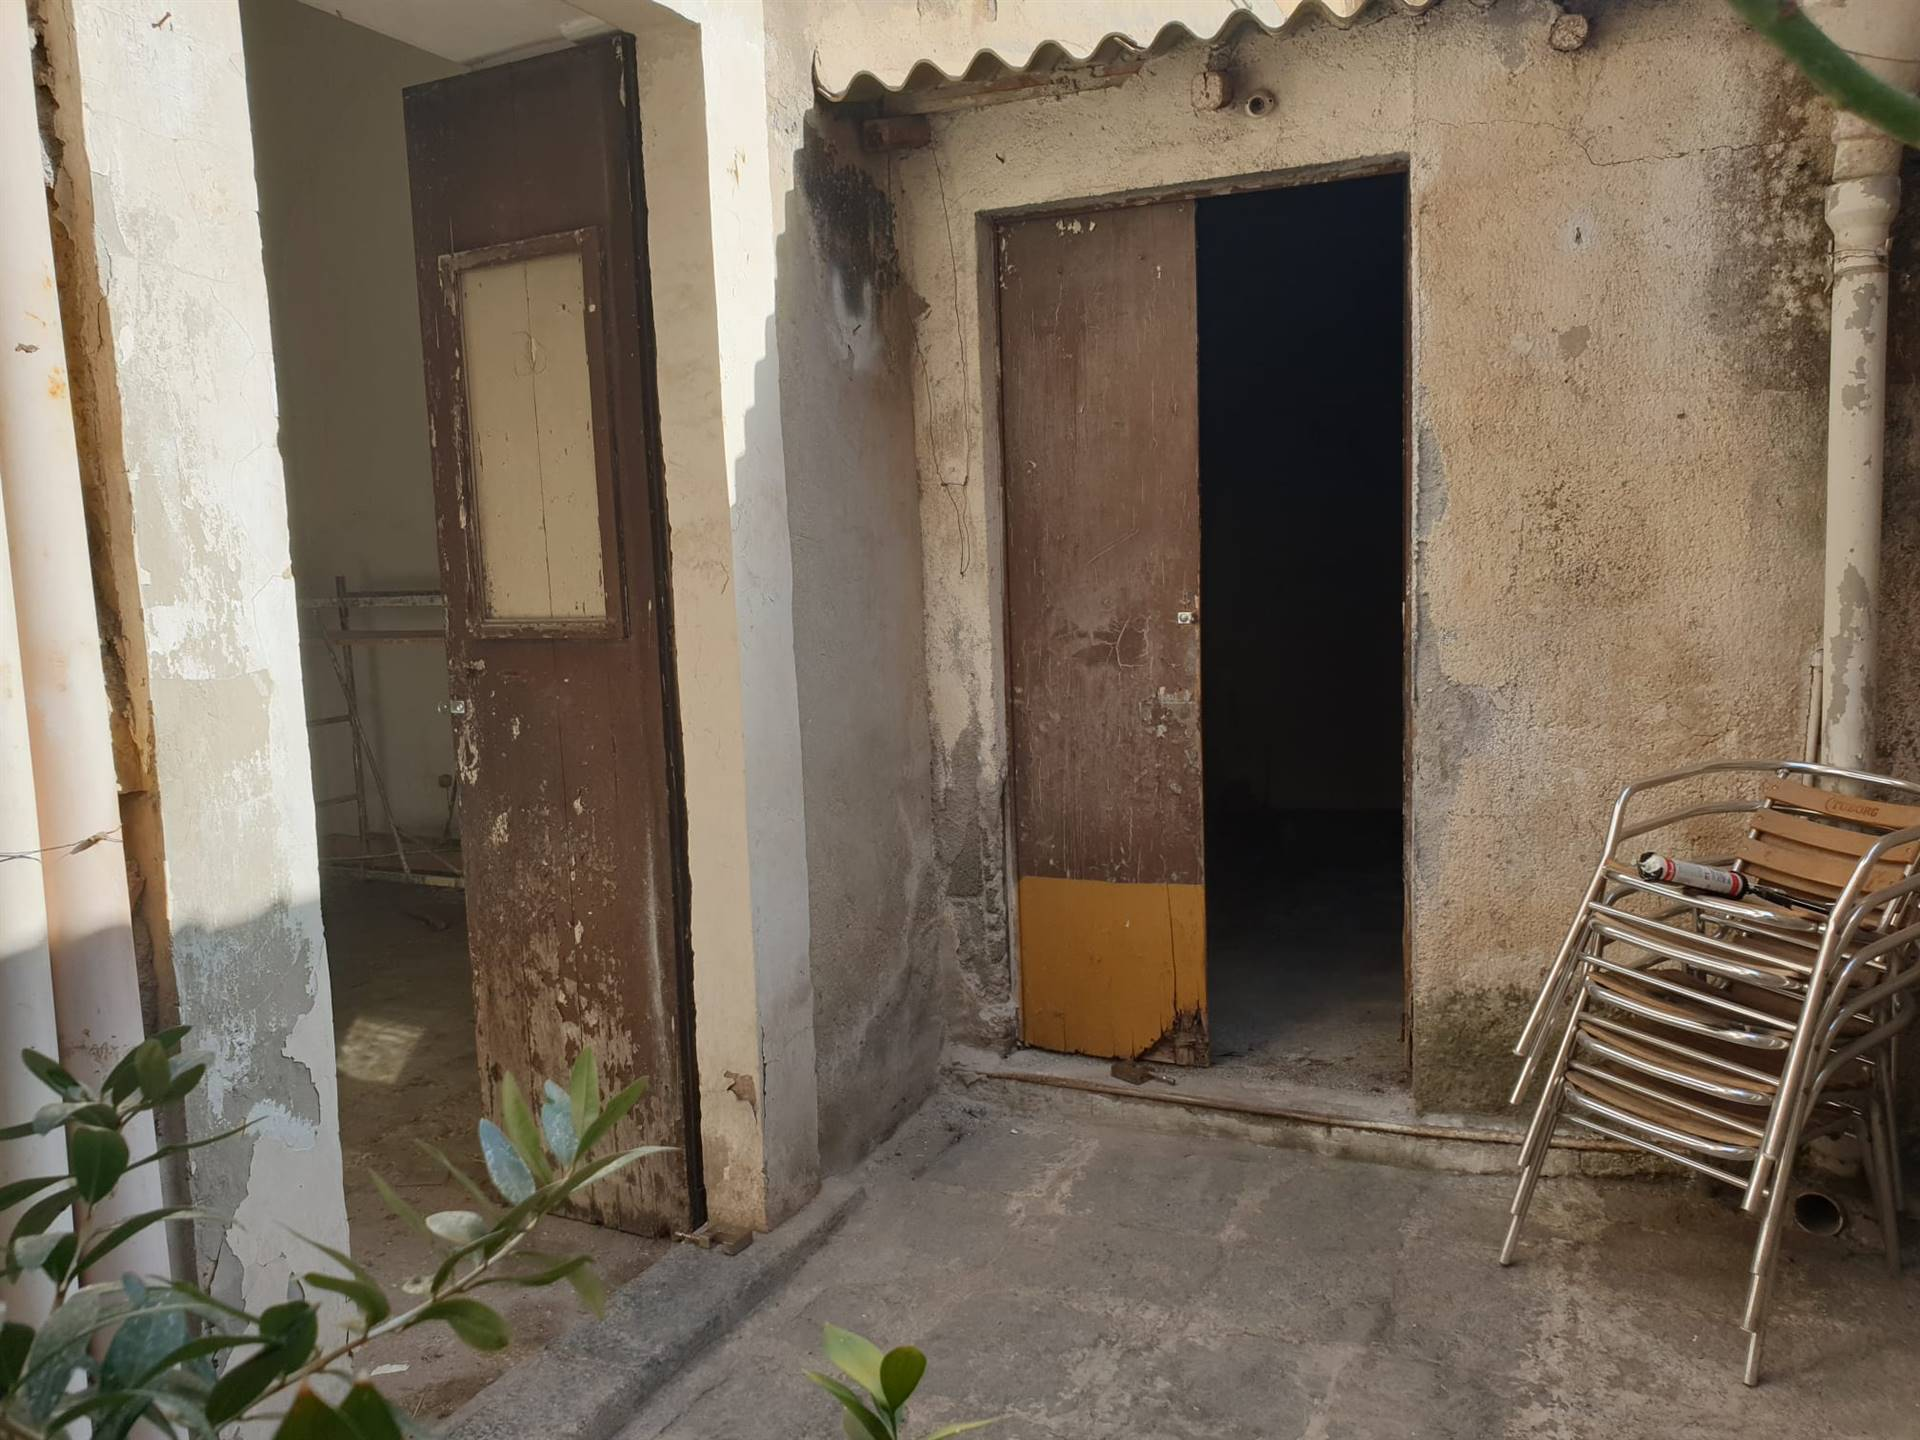 Cortile interno con secondo ingresso